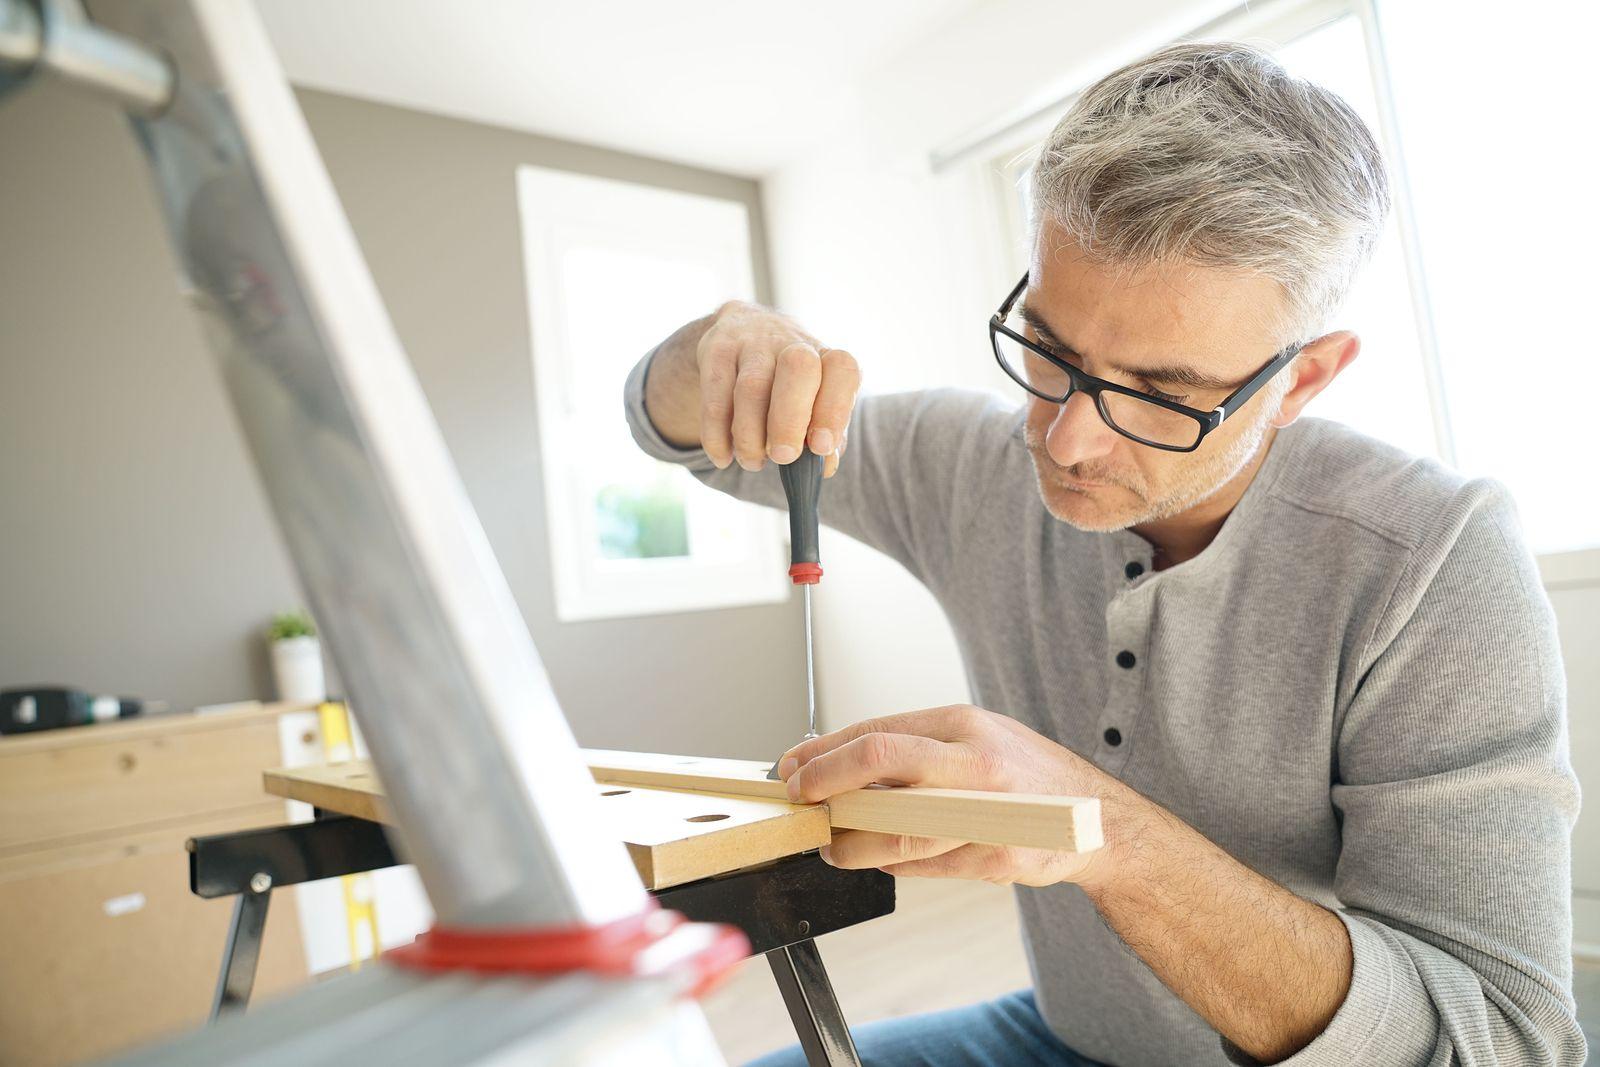 Cuáles son los mejores trucos de bricolaje en casa